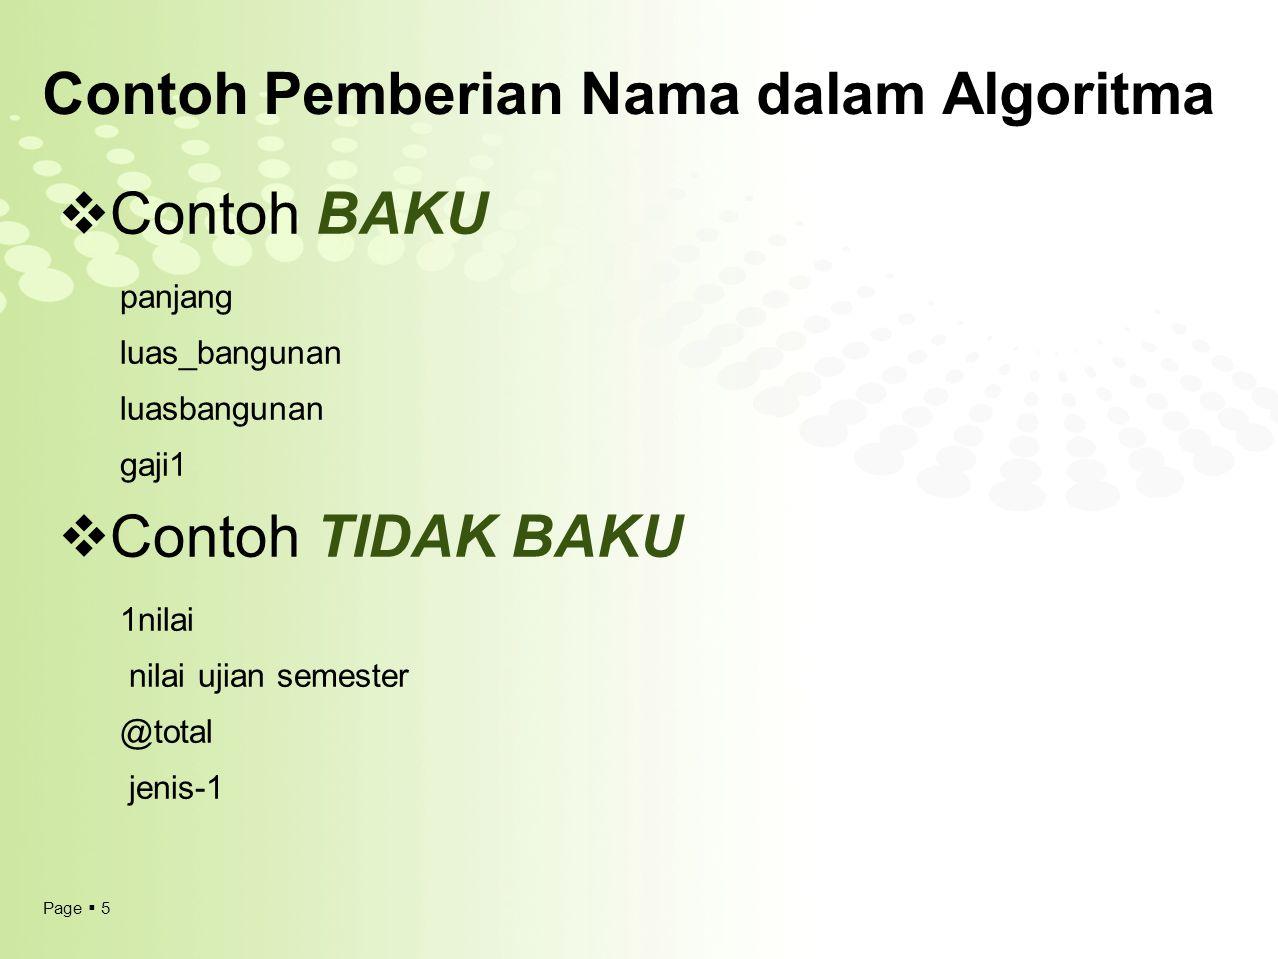 Contoh Pemberian Nama dalam Algoritma